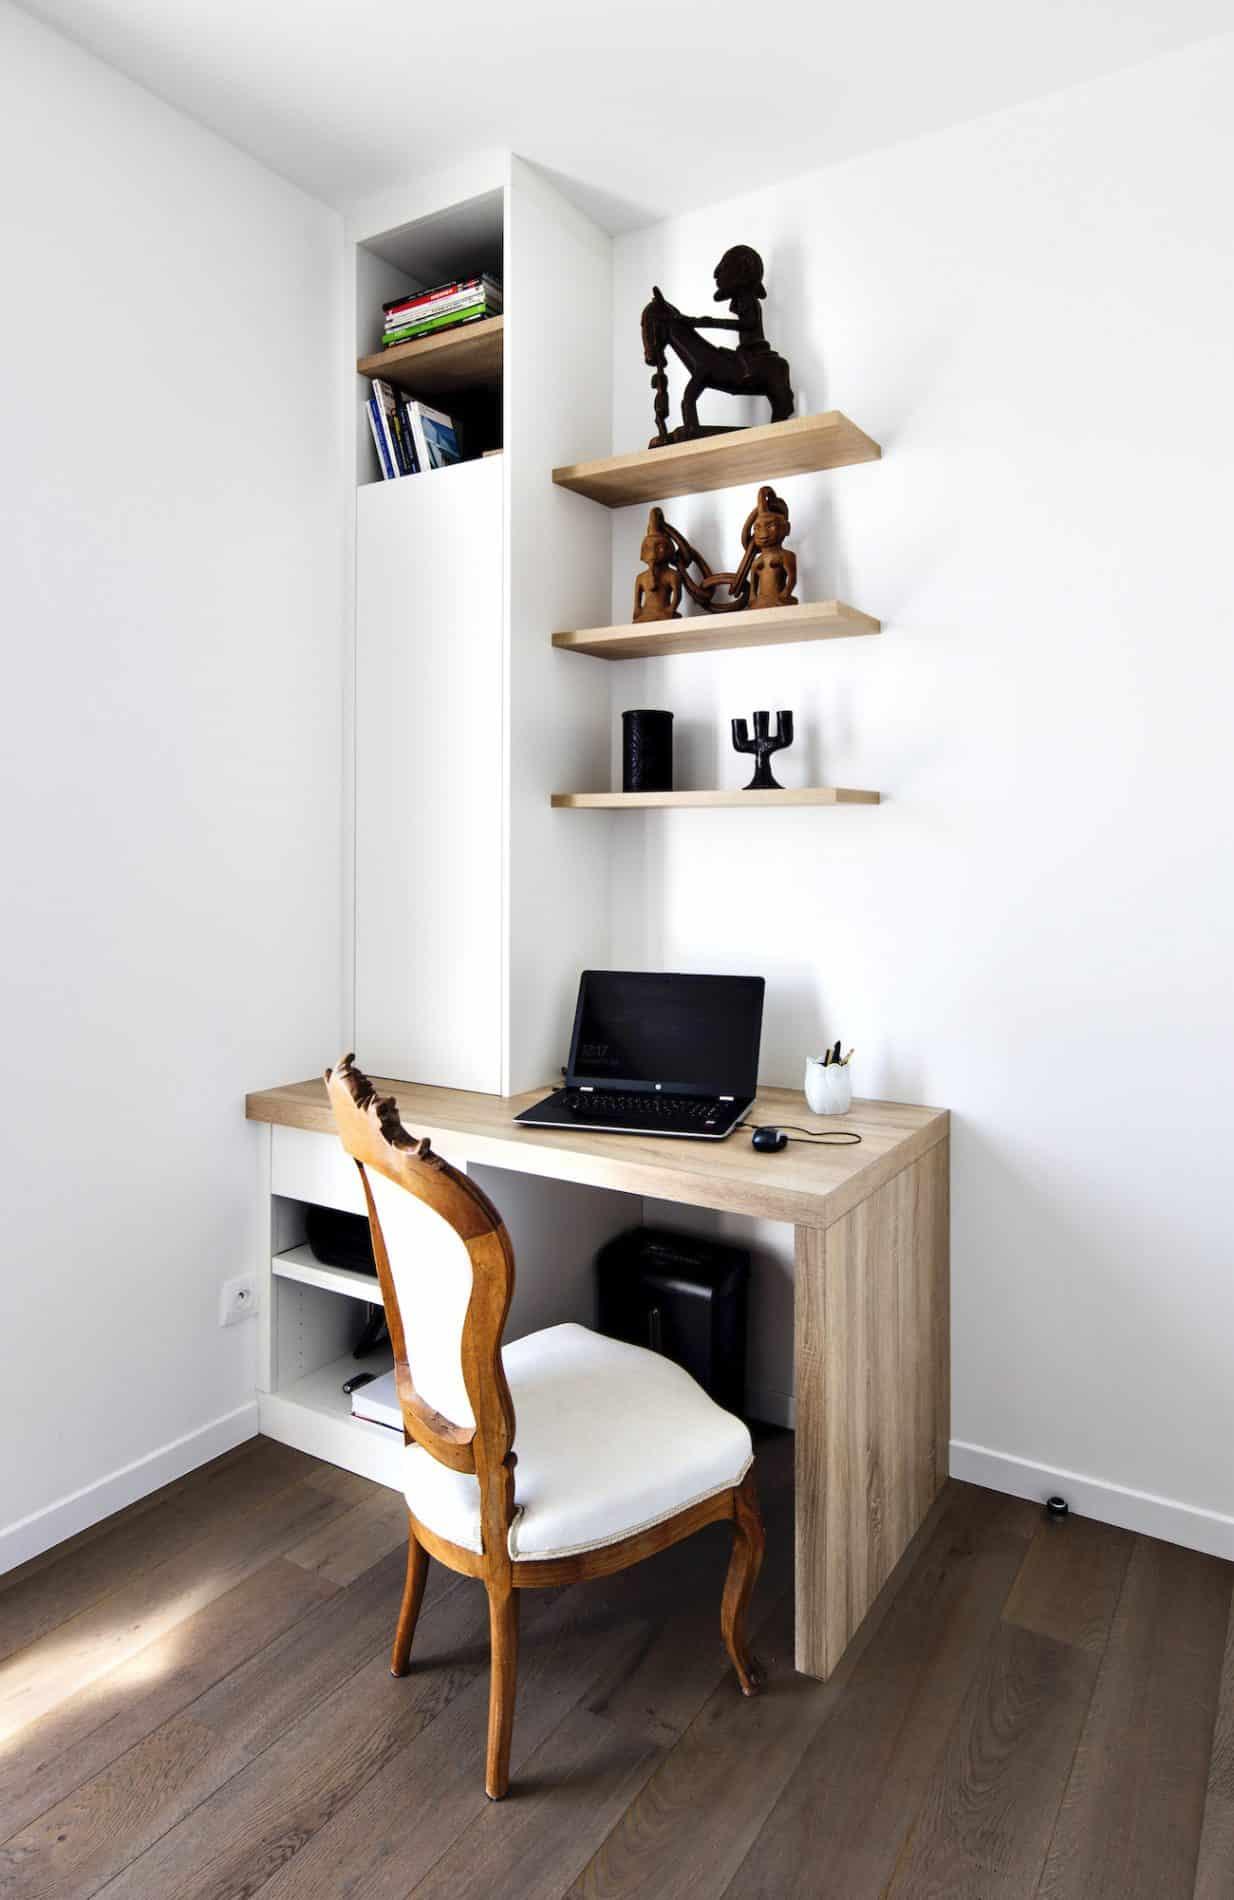 bureau bois et blanc avec étagères et placard semi-ouvert